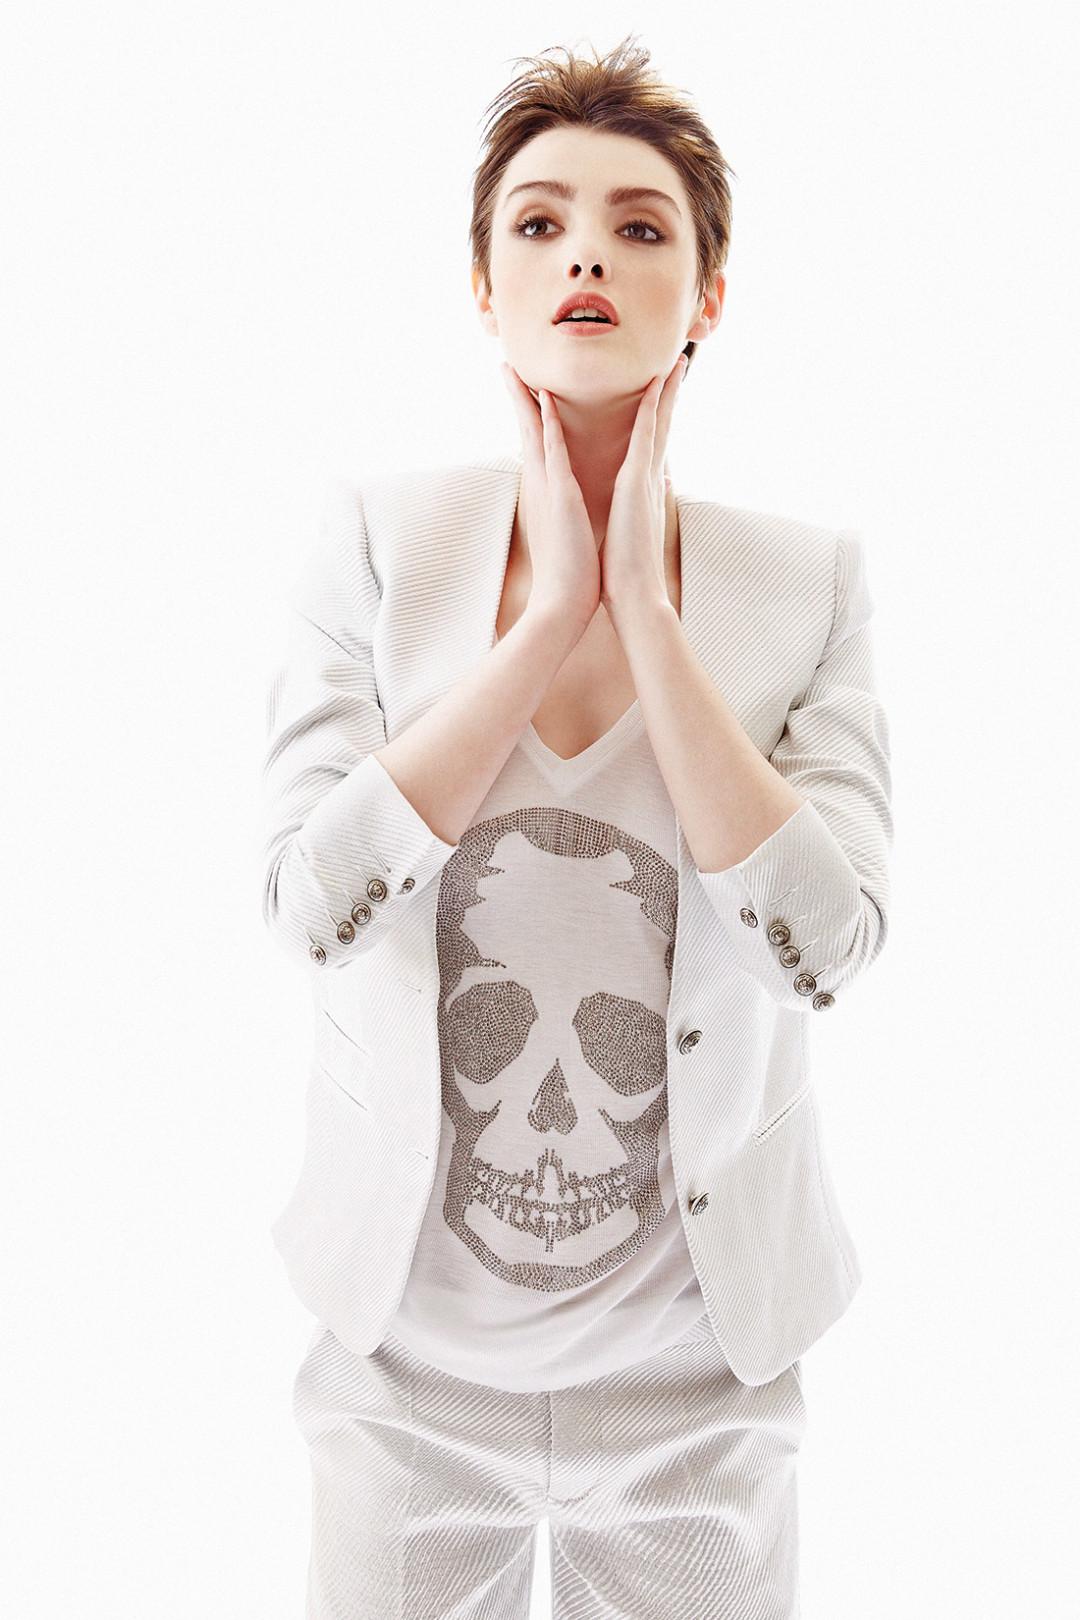 0514 solar flair skull shirt tqywac